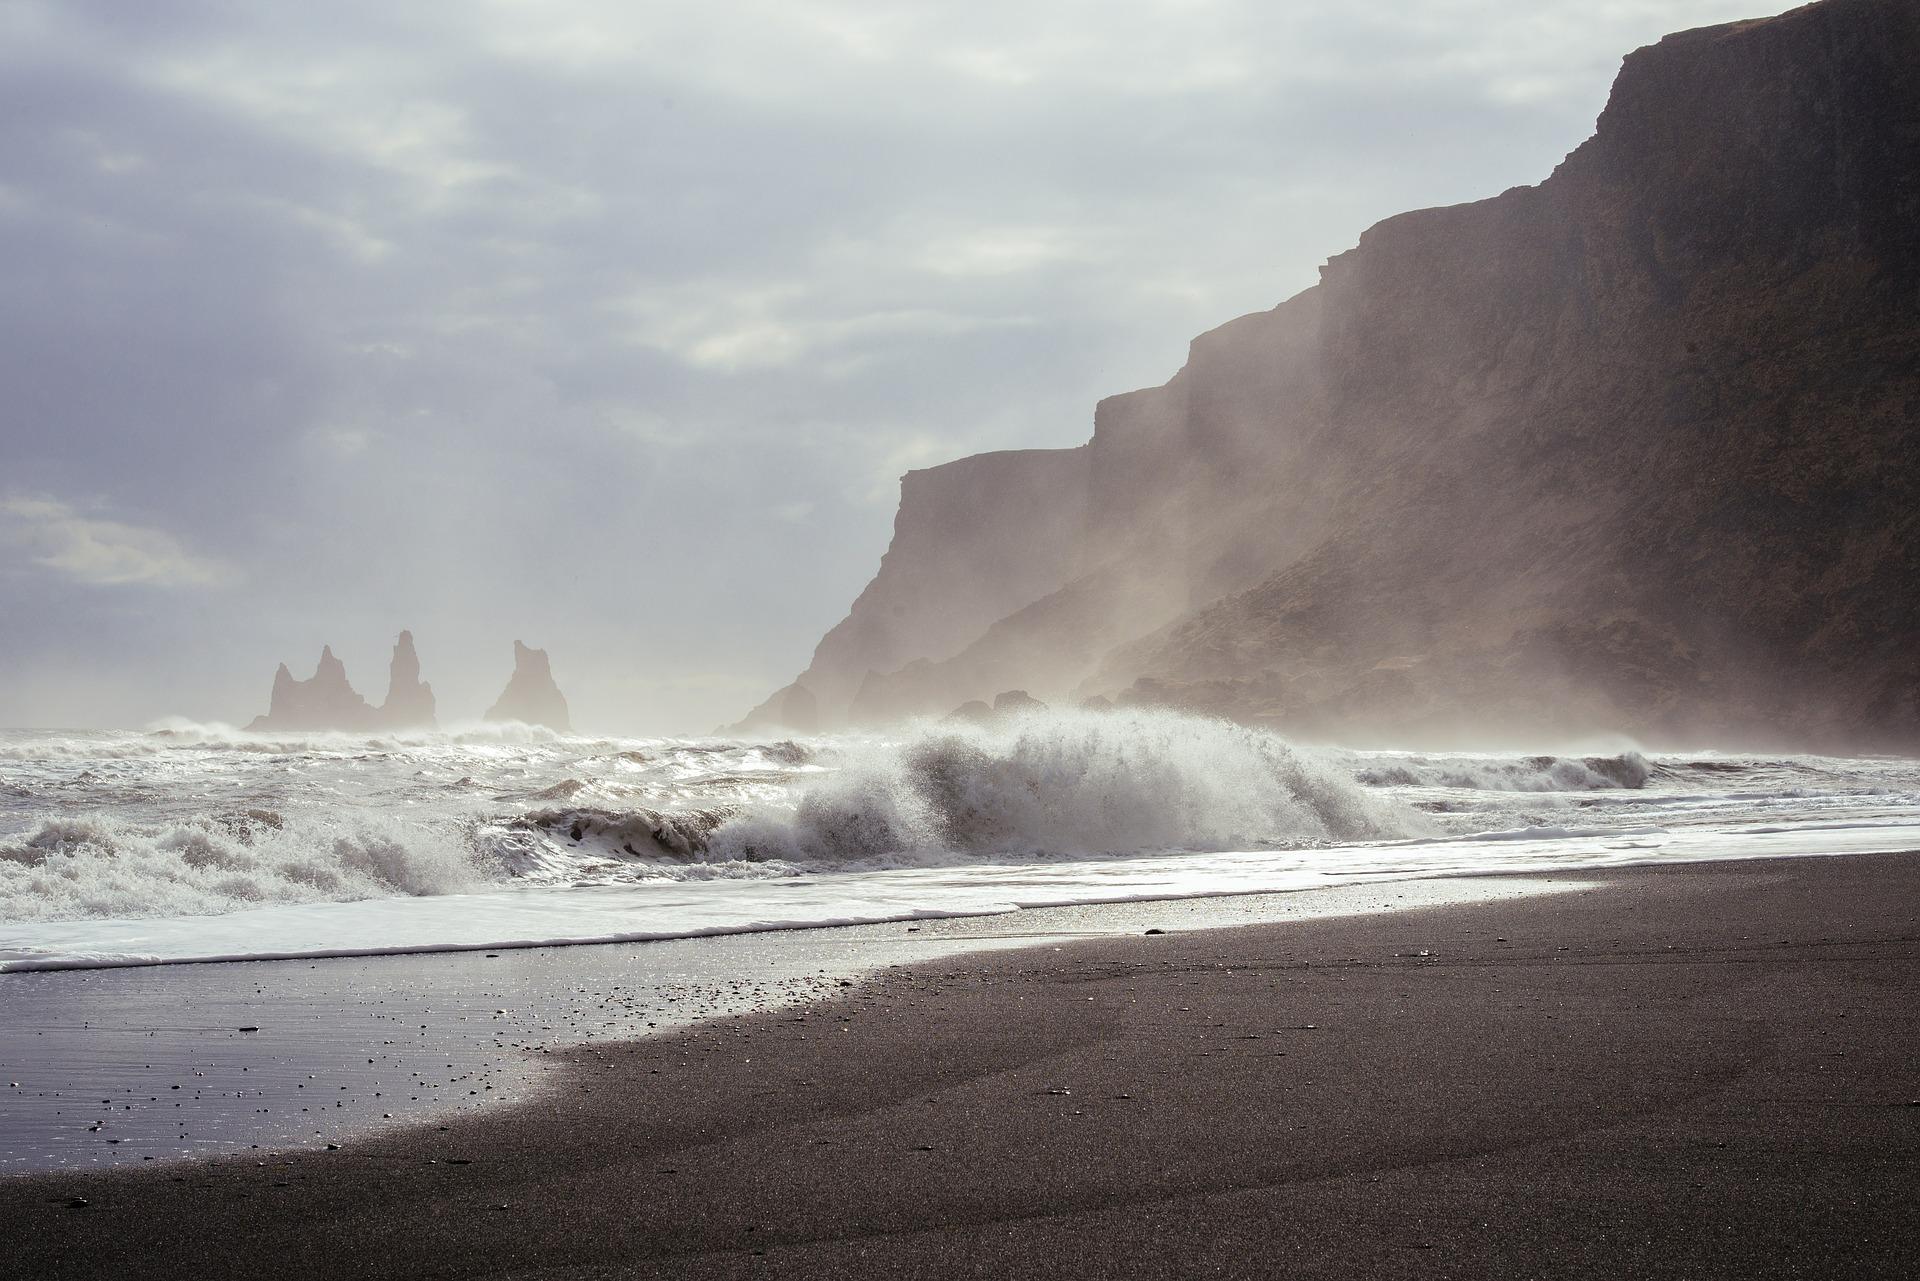 suministro de energía electrica renovable en data Center con olas de mar